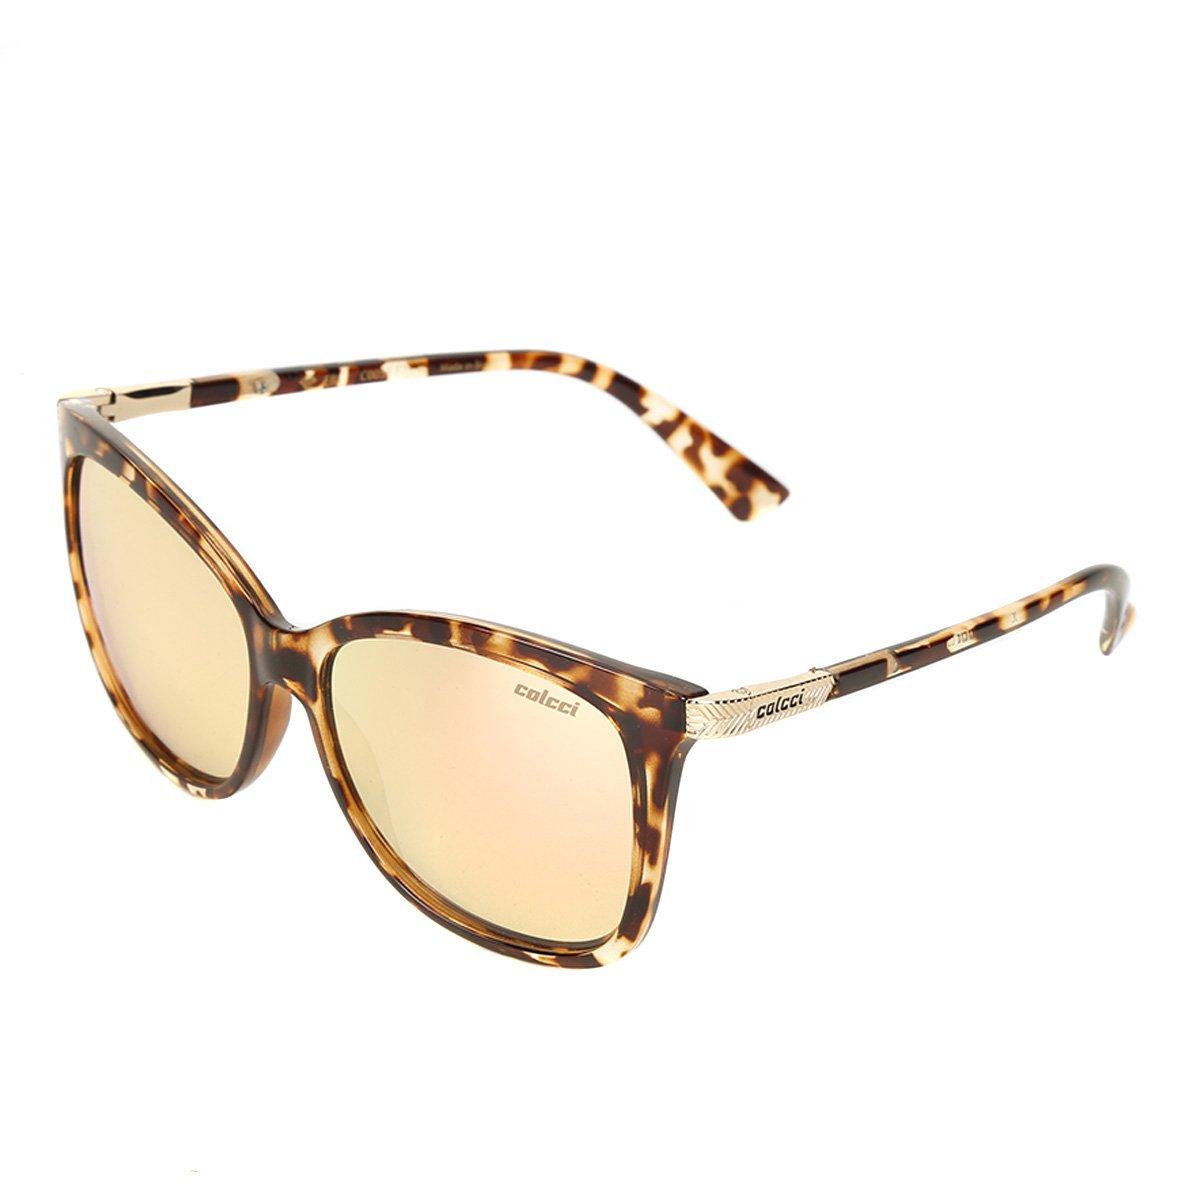 3d571486e6ac5 Óculos de Sol Colcci Demi Brilho Feminino - Compre Agora   Netshoes